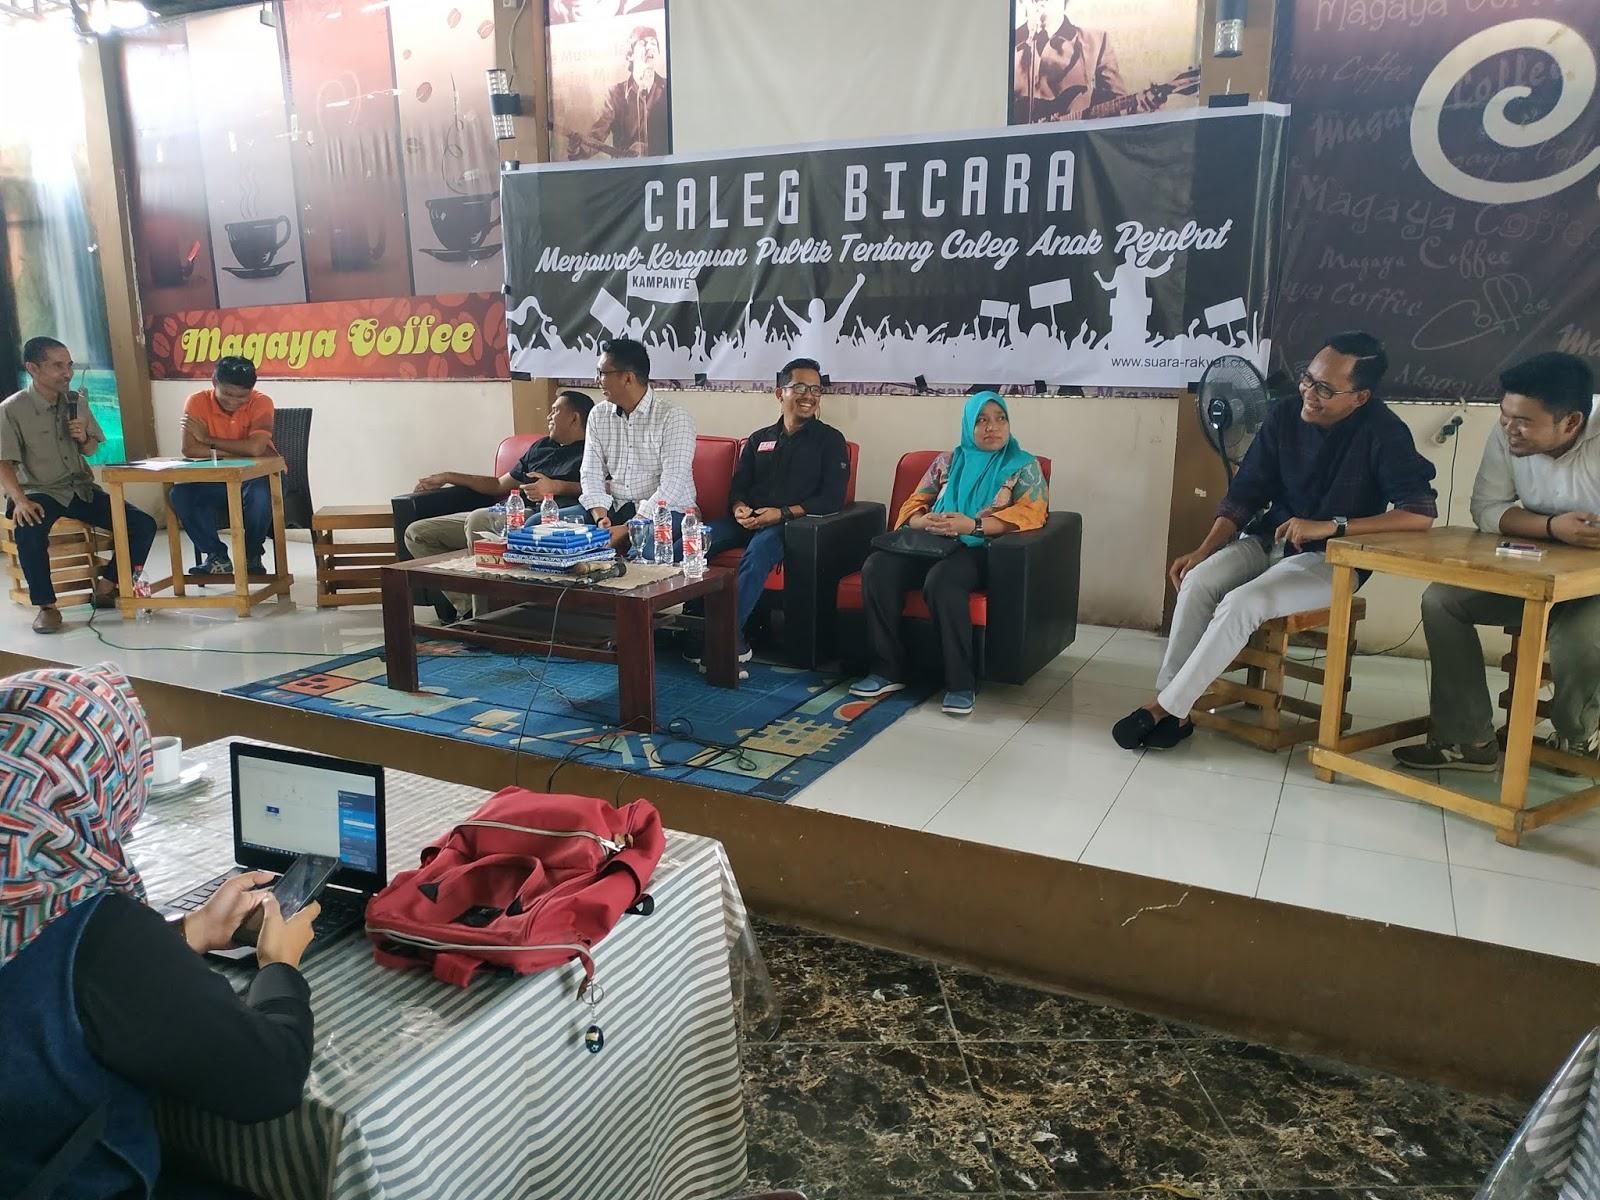 Diskusi Publik Jawab Keraguan Tentang Caleg Anak Pejabat, Hanya Ini yang Caleg Anak Pejabat Hadir